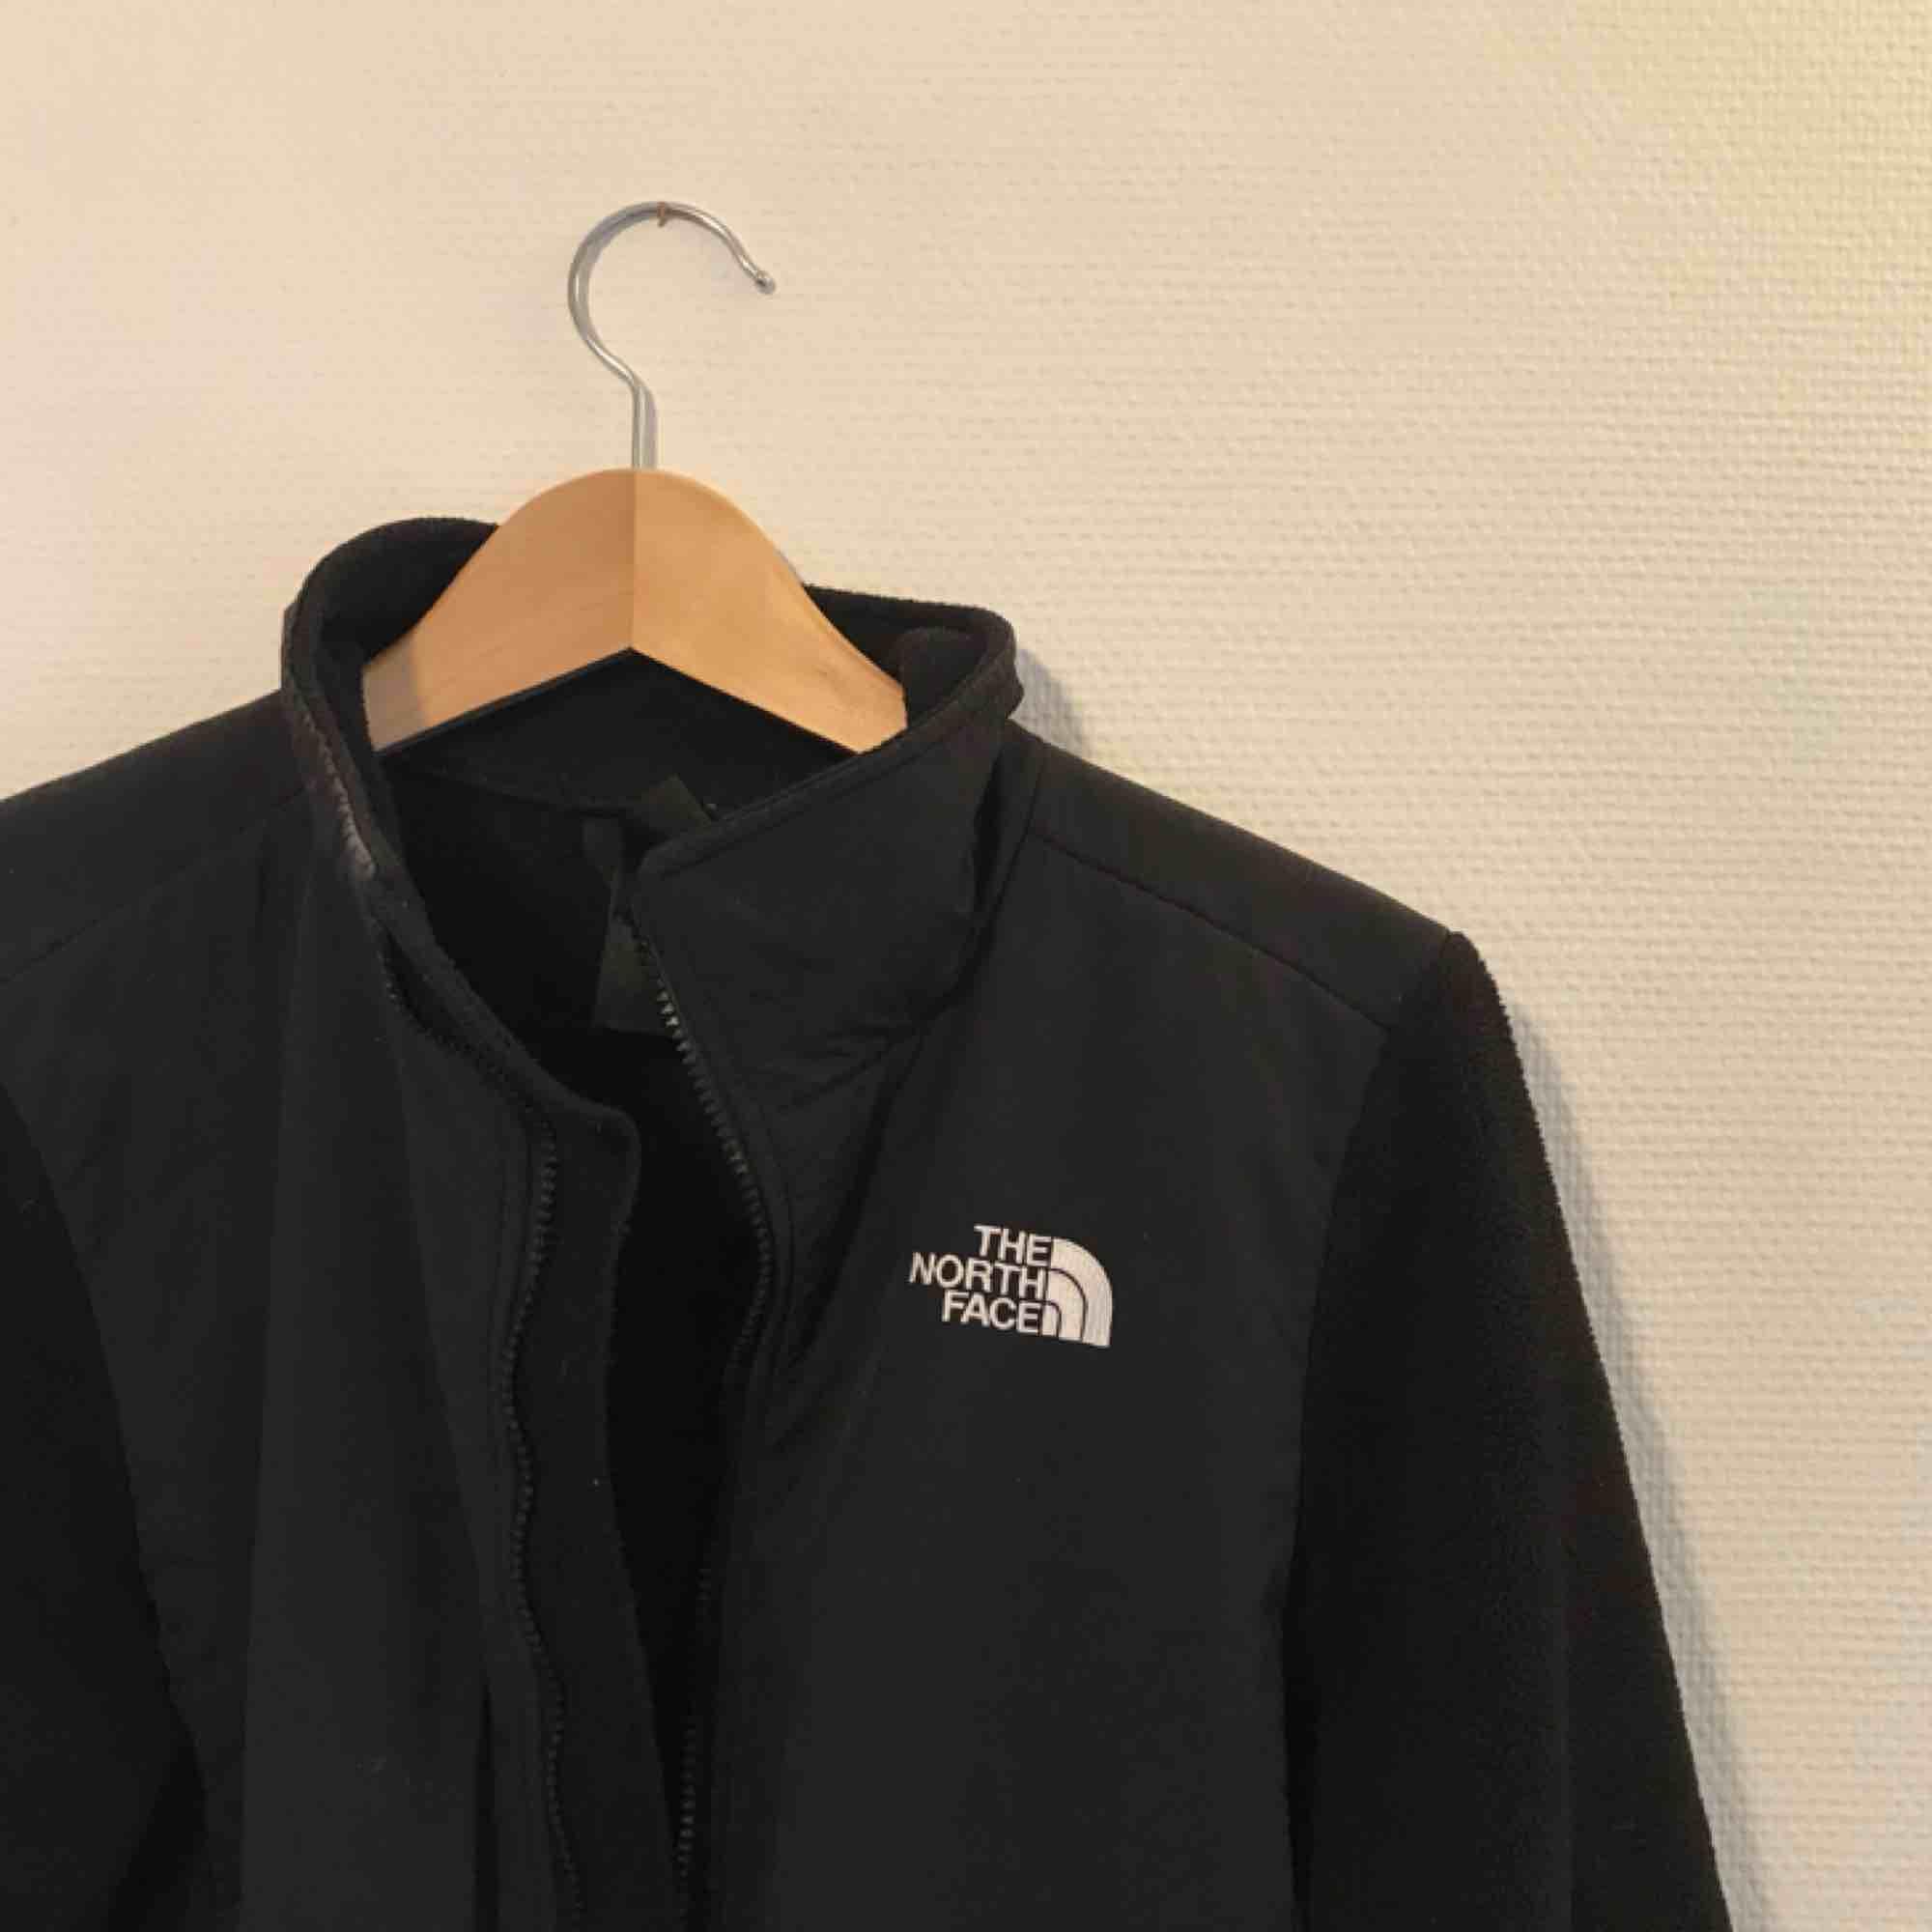 Svart zip up tröja från North Face! Bra begagnat skick. Huvtröjor & Träningströjor.